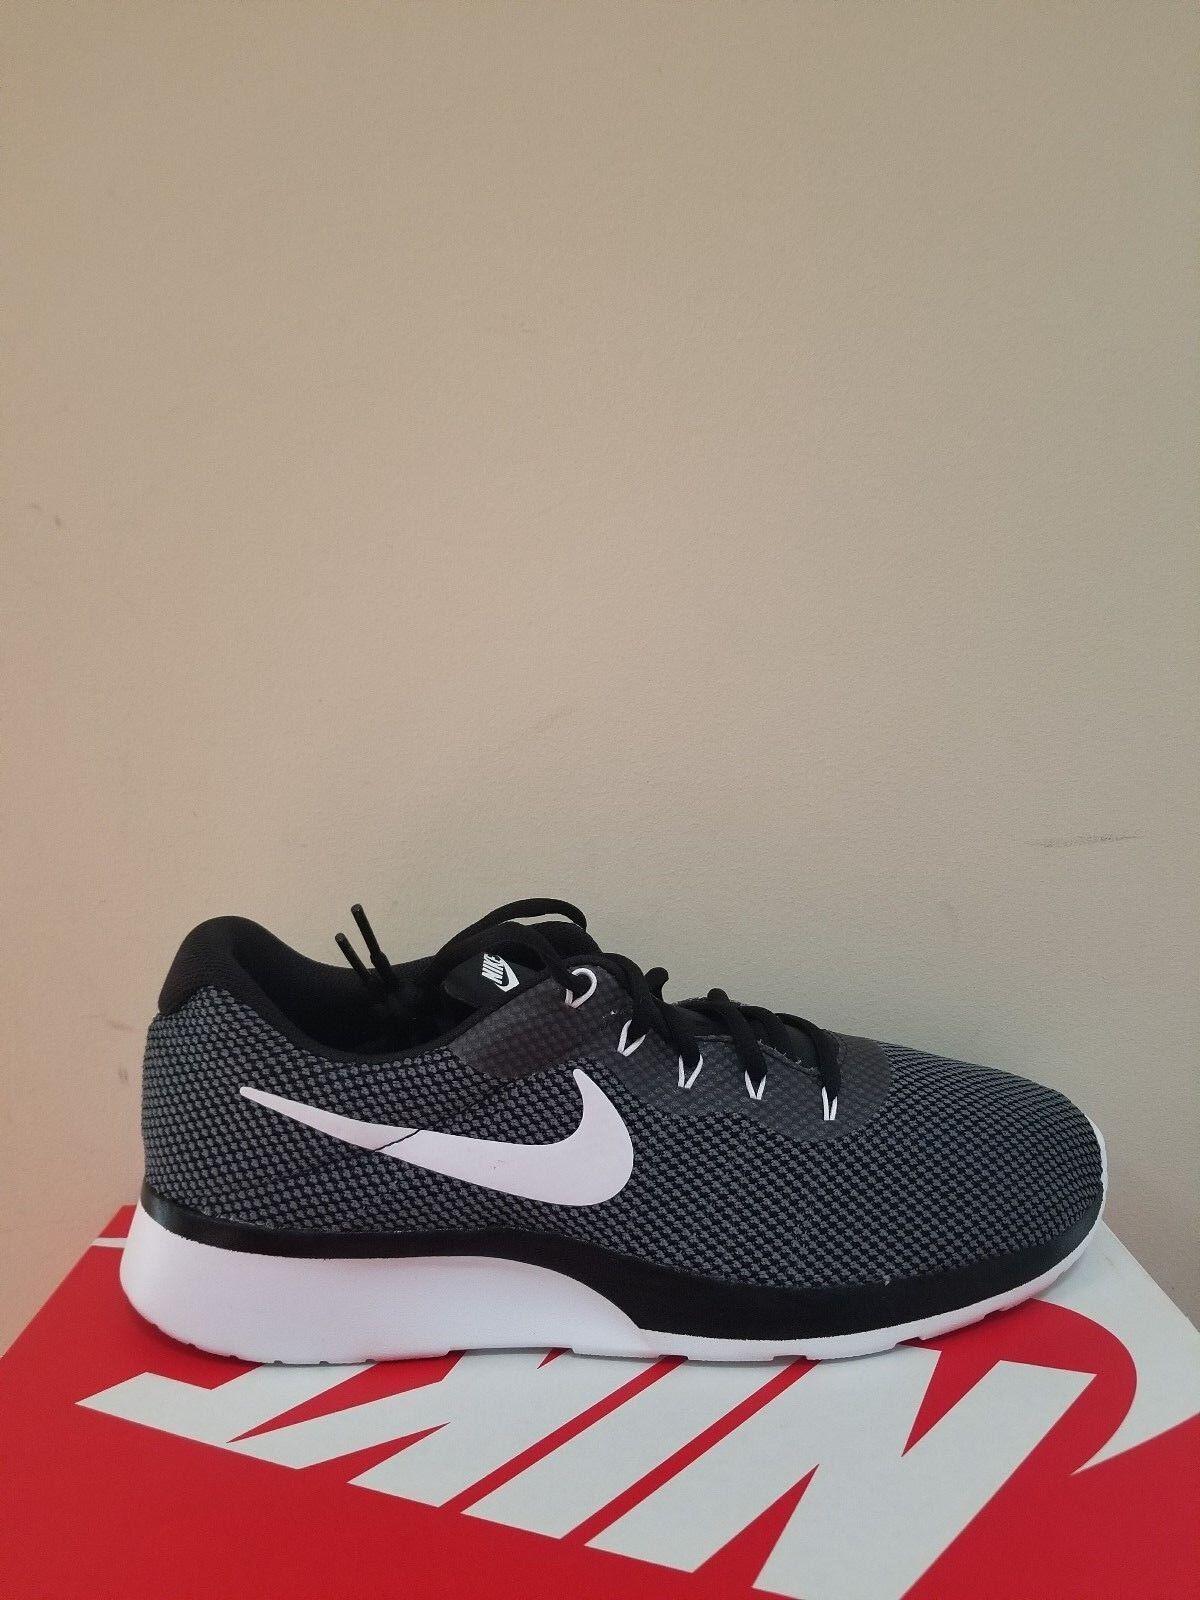 Nike Herren Tanjun Racer Schuhgröße 11 Nib